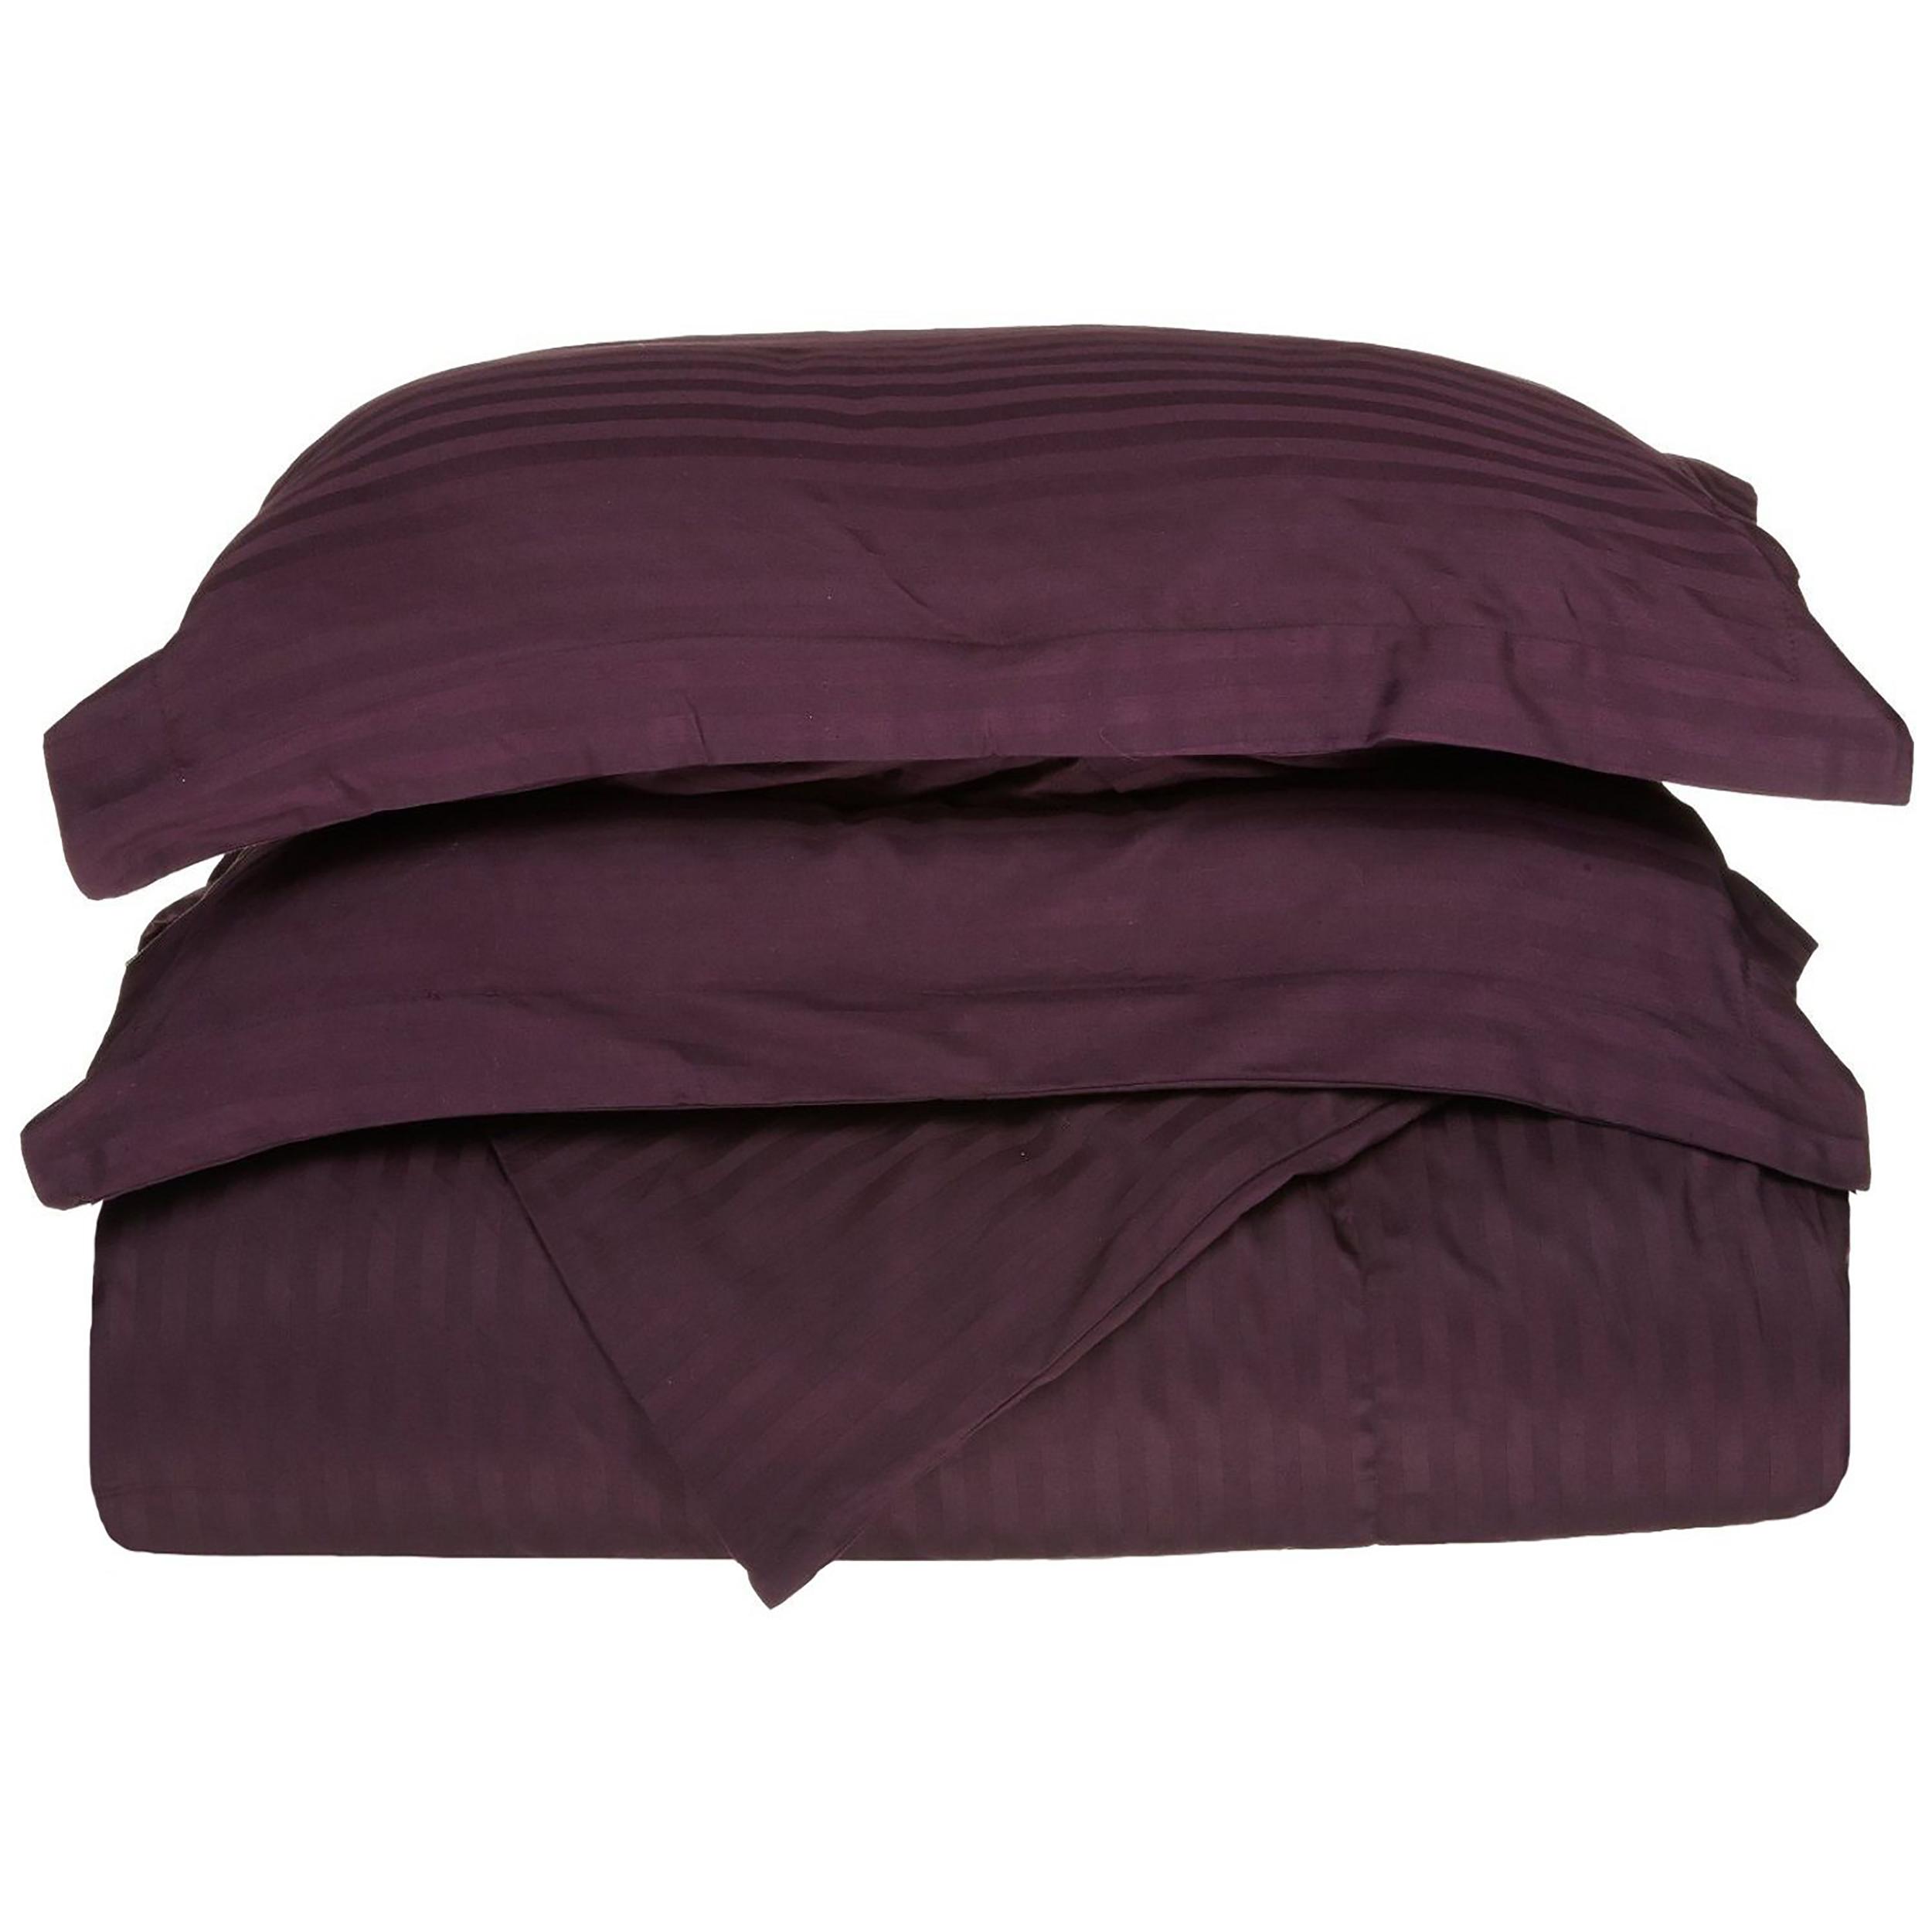 Superior 400 Thread Count 100% Premium Combed Cotton Stripe Duvet Cover Set